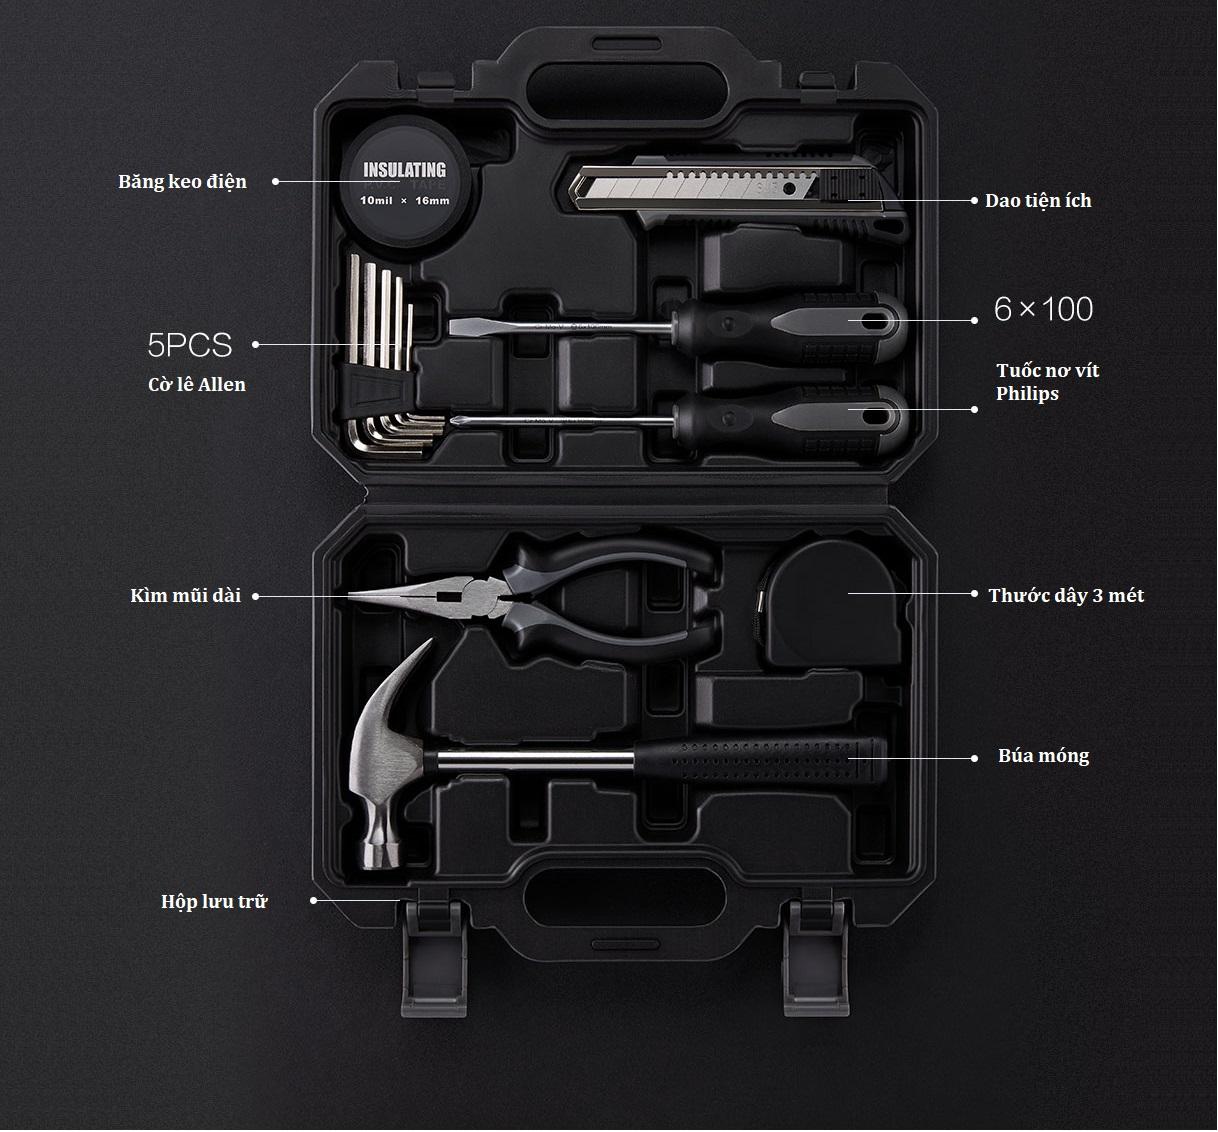 Bộ dụng cụ sửa chữa gia đình JIUXUN (12 trong 1), Xiaomi phân phối